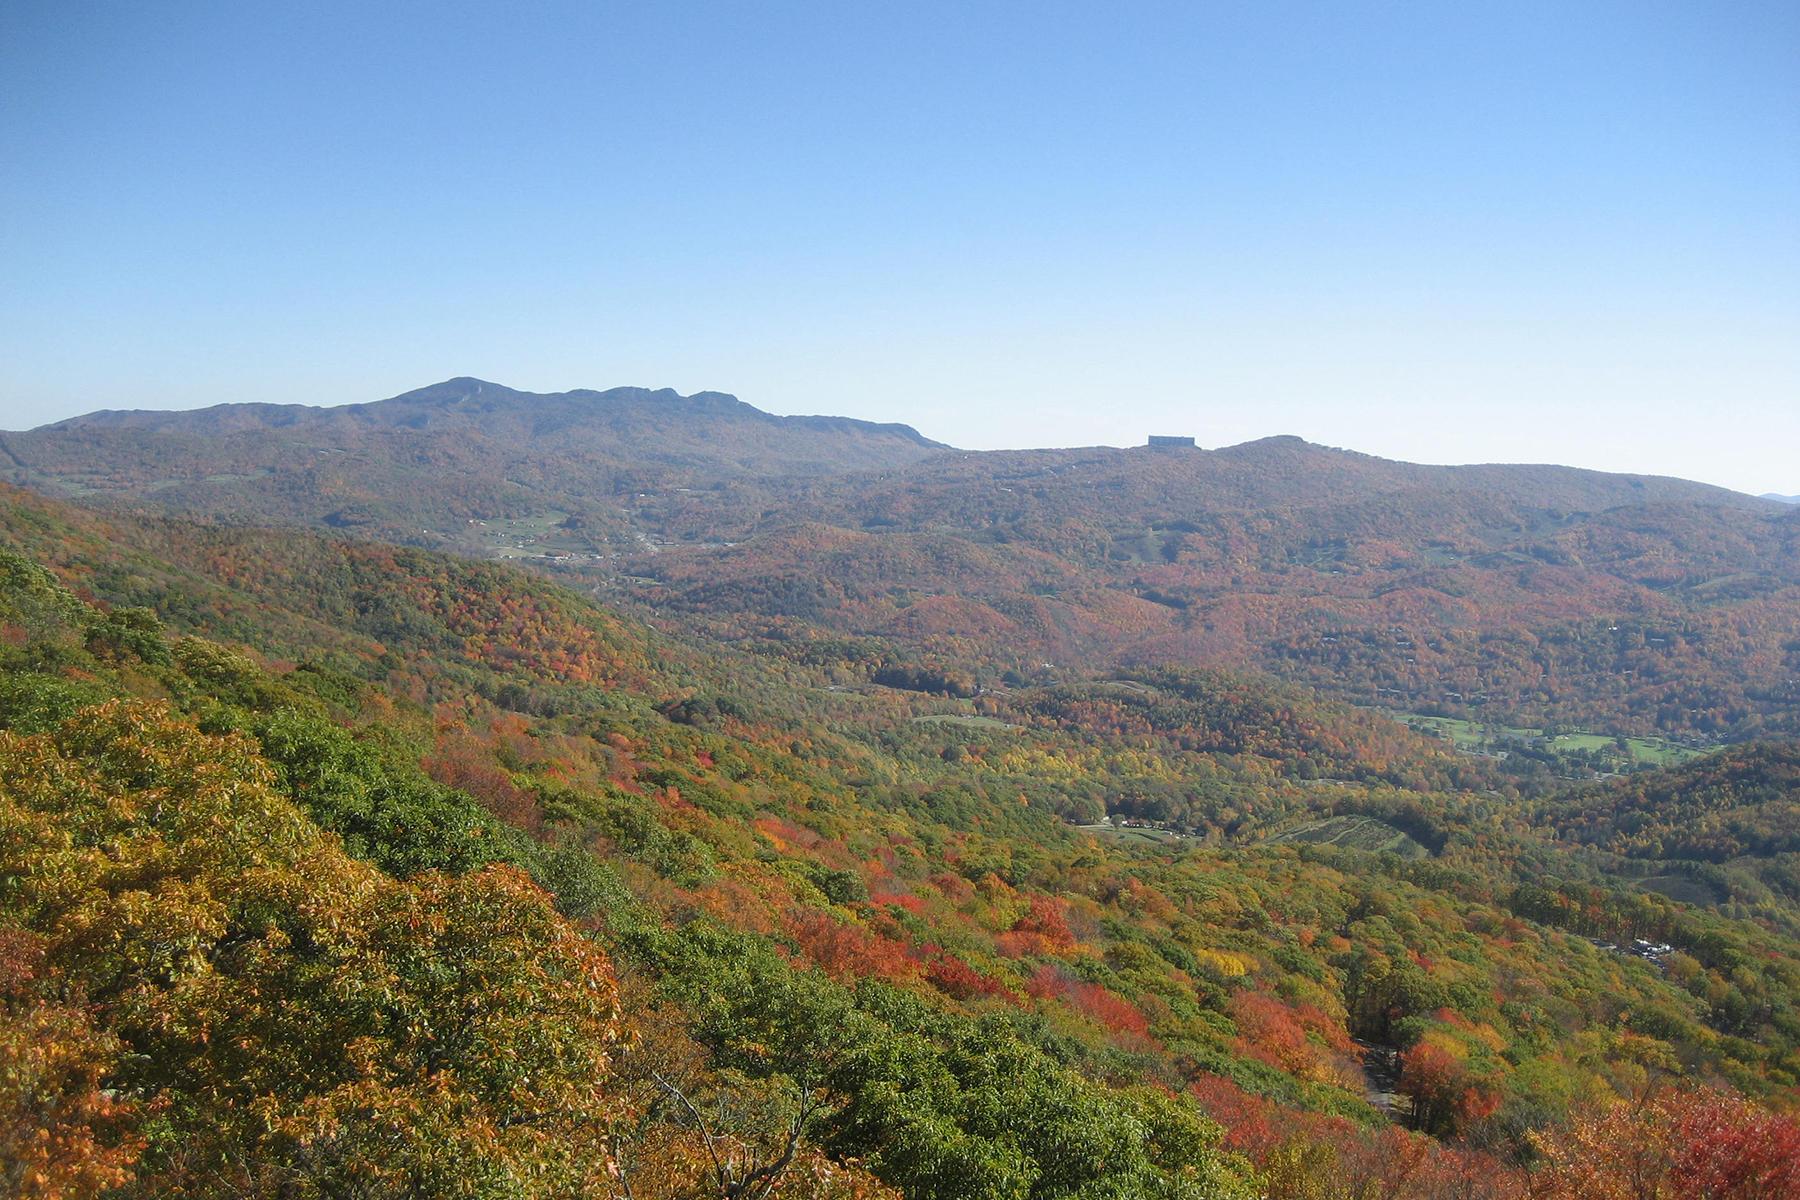 Land for Sale at EAGLES NEST LODGE SITE 35 35 Eagles Nest Trail Trl Banner Elk, North Carolina 28604 United States